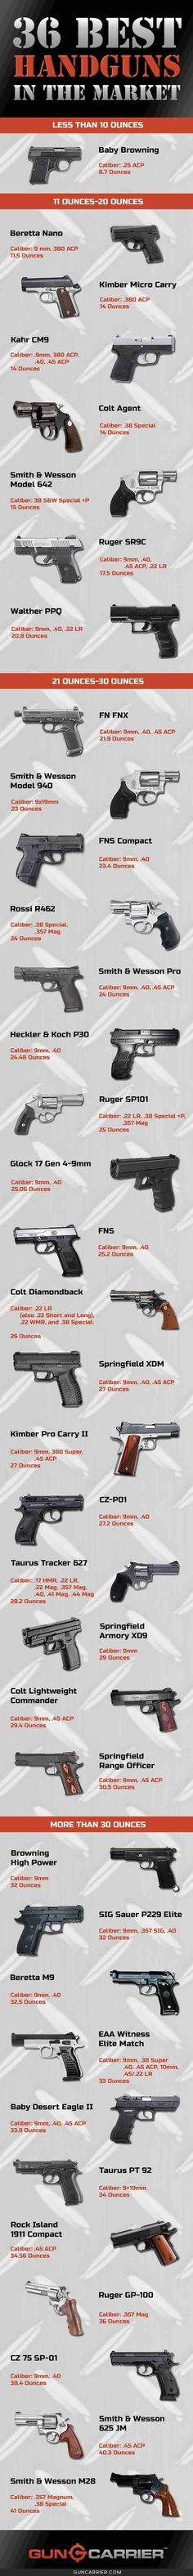 36 best handguns in the market smaller   https://guncarrier.com/best-handguns/